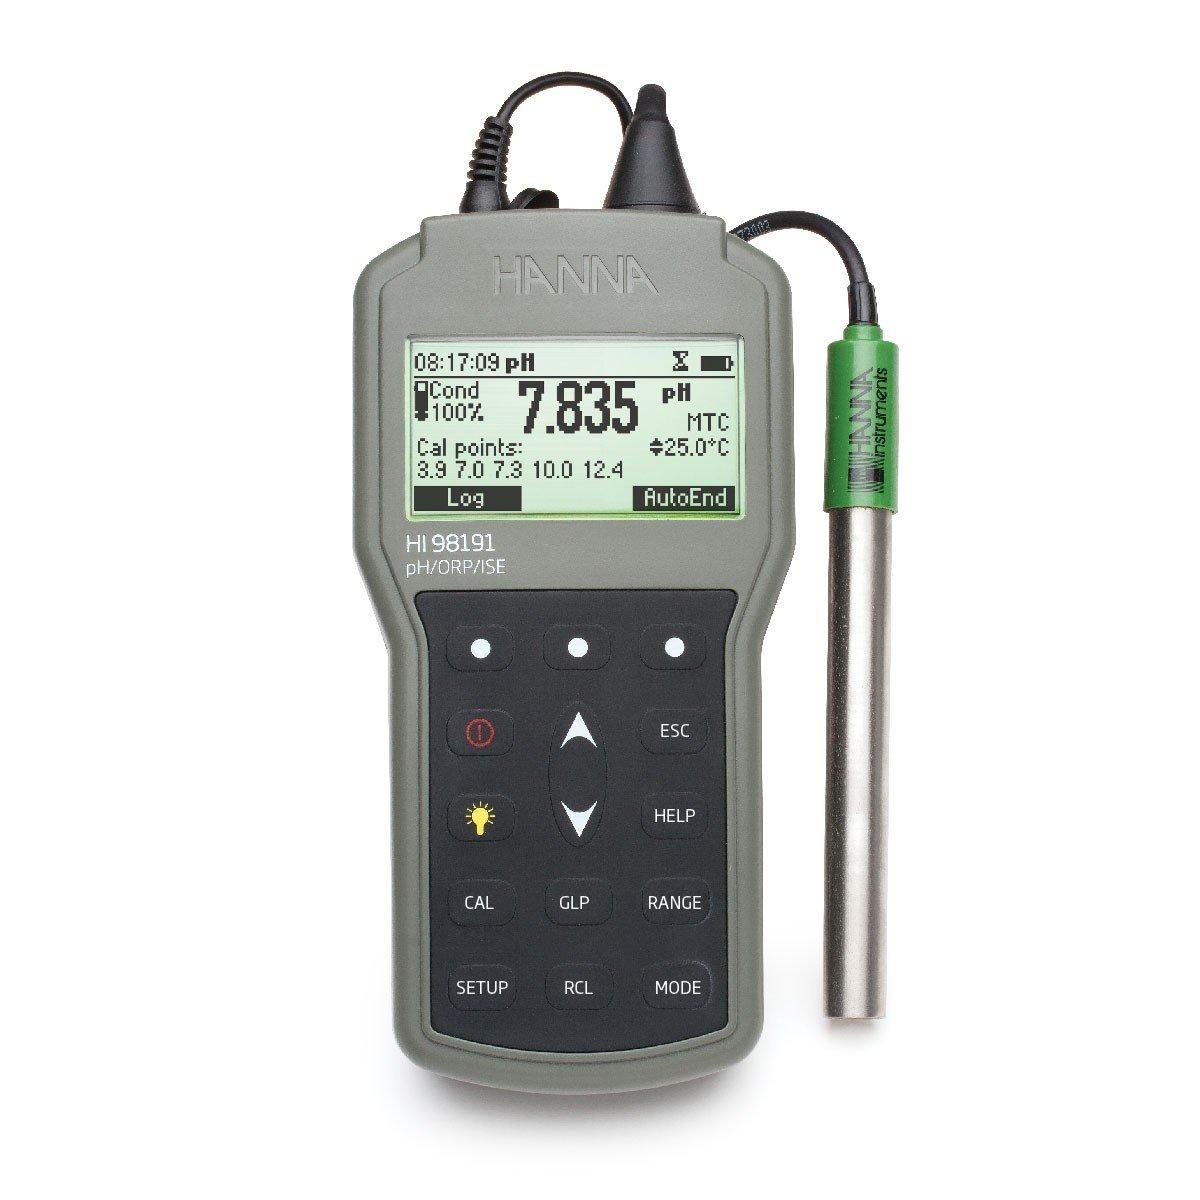 专业防水便携式pH / ORP / ISE仪表 -  HI98191